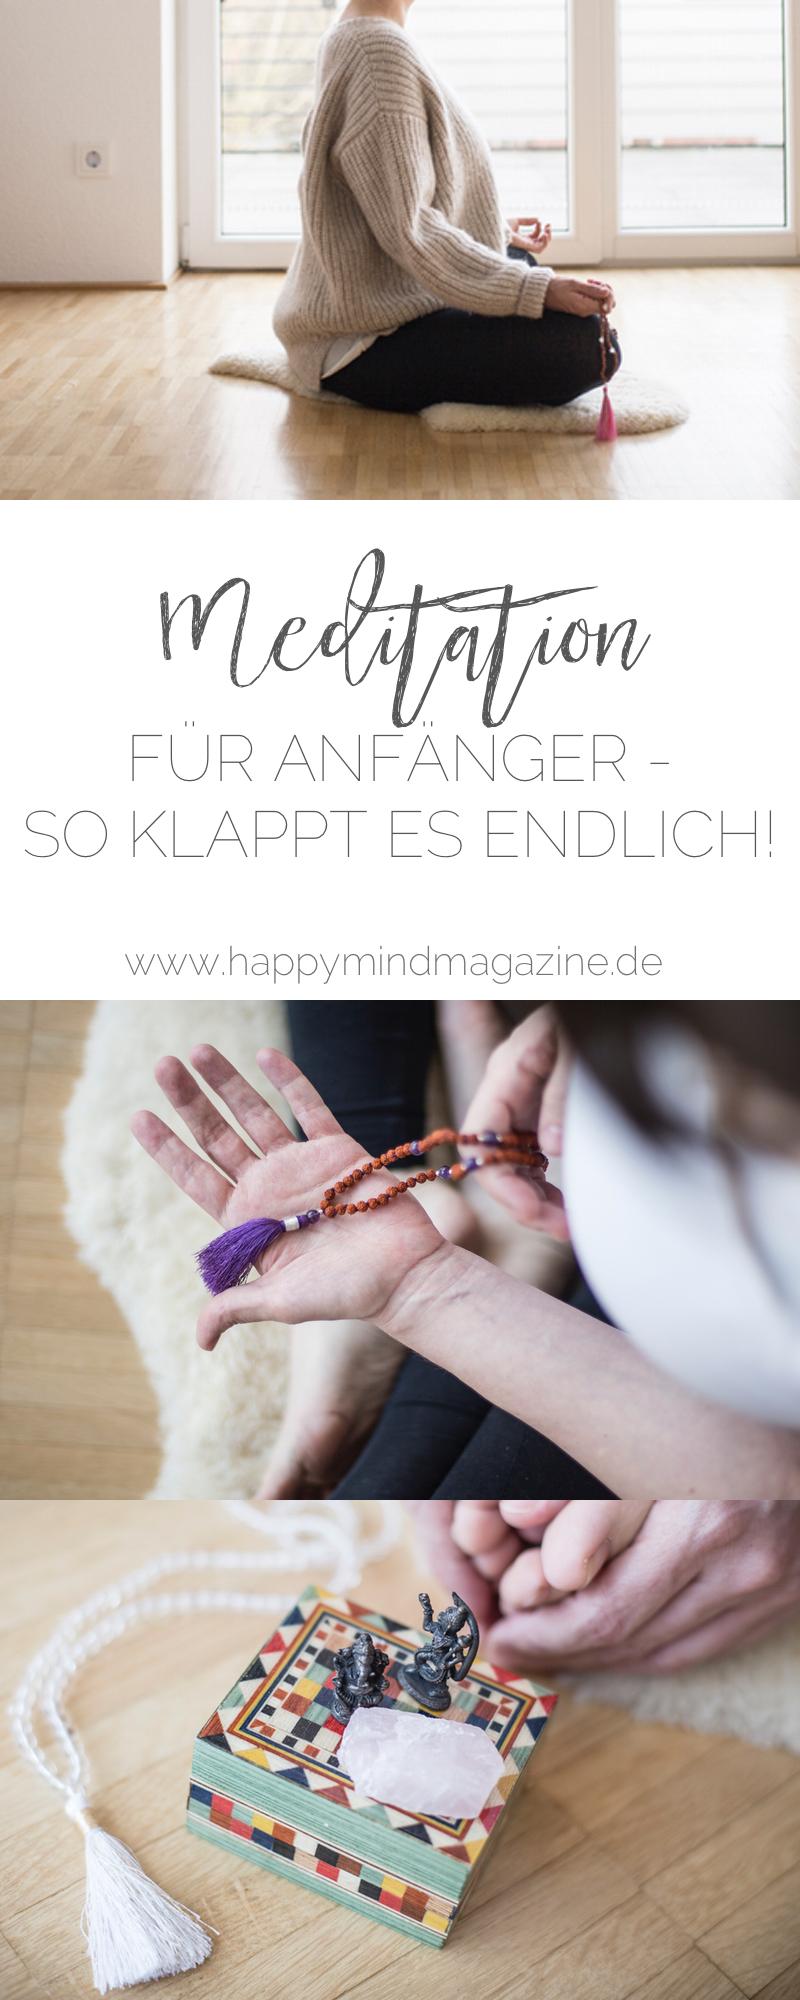 Meditation für Anfänger - so klappt es endlich mit dem Meditieren!